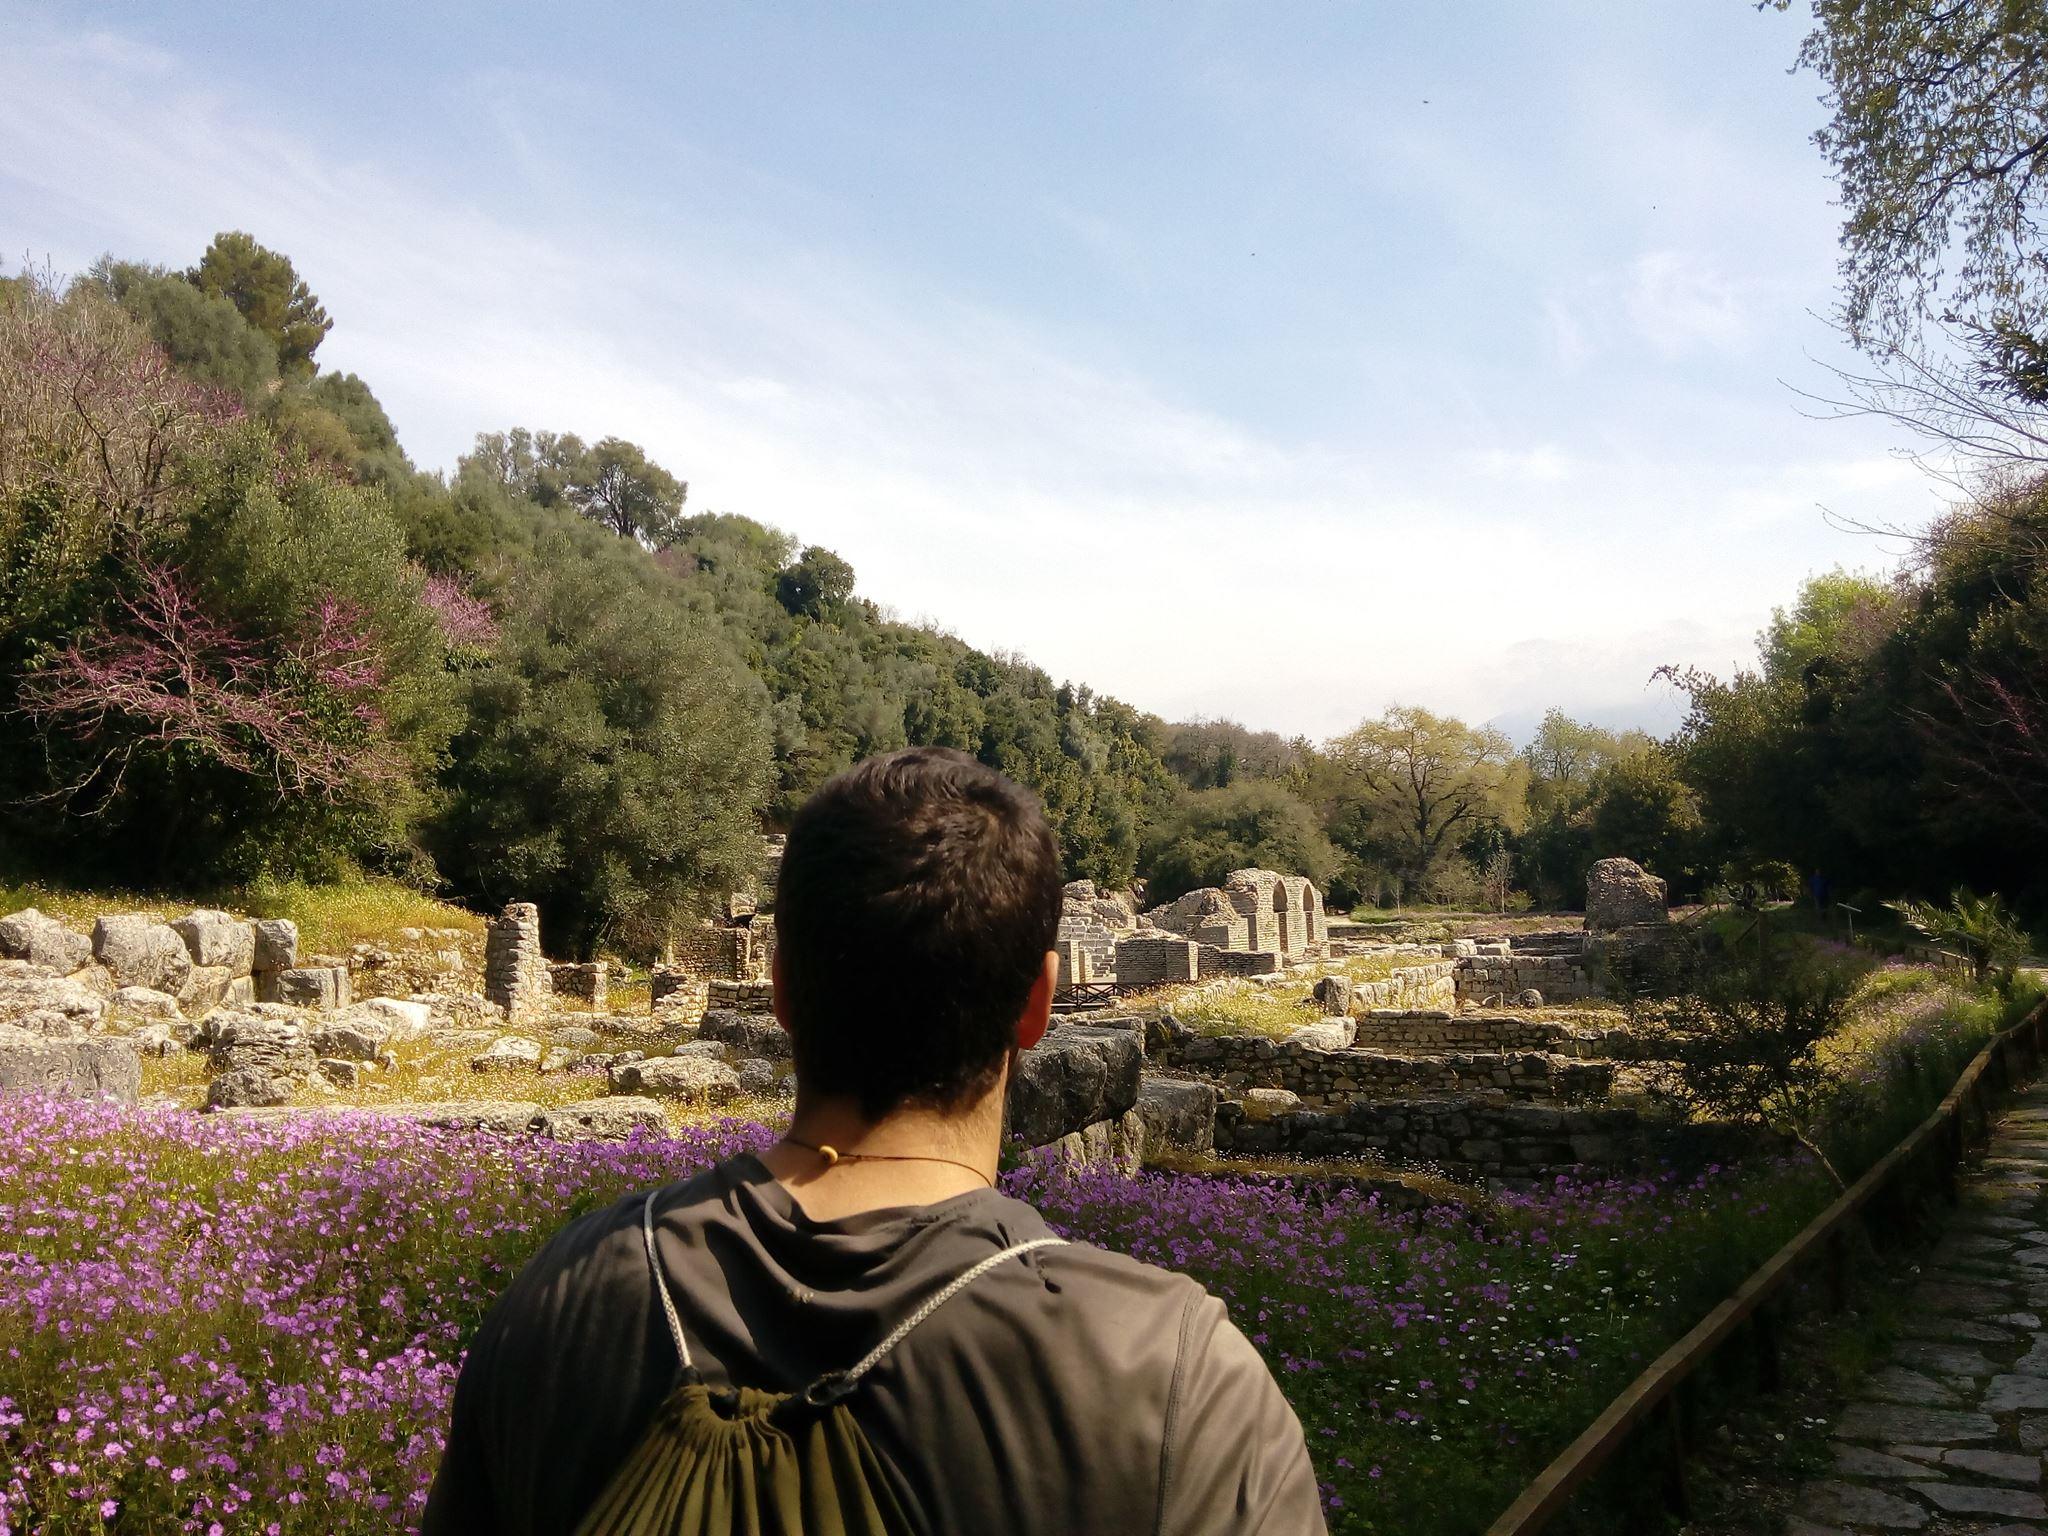 Nous visitons le site archéologique de Butrint.